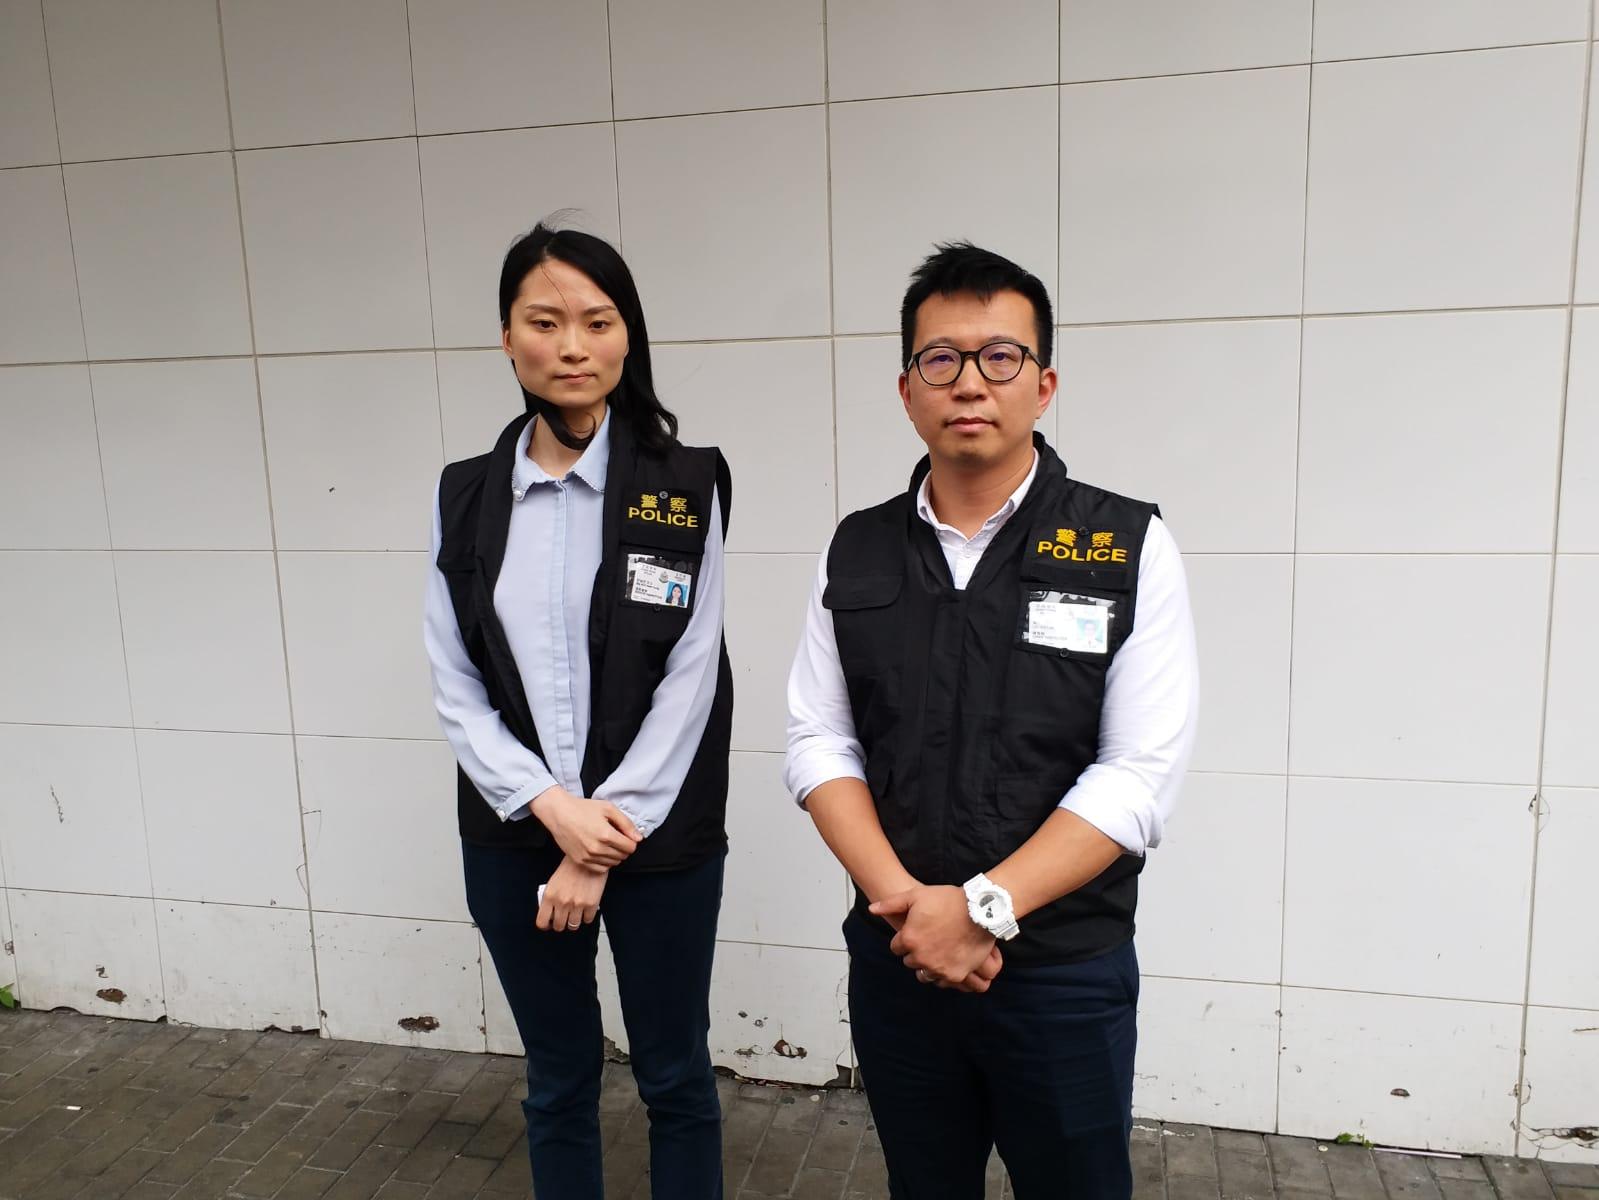 秀茂坪警區刑事總督察梁立(右)及重案組督察許涵芳(左)。